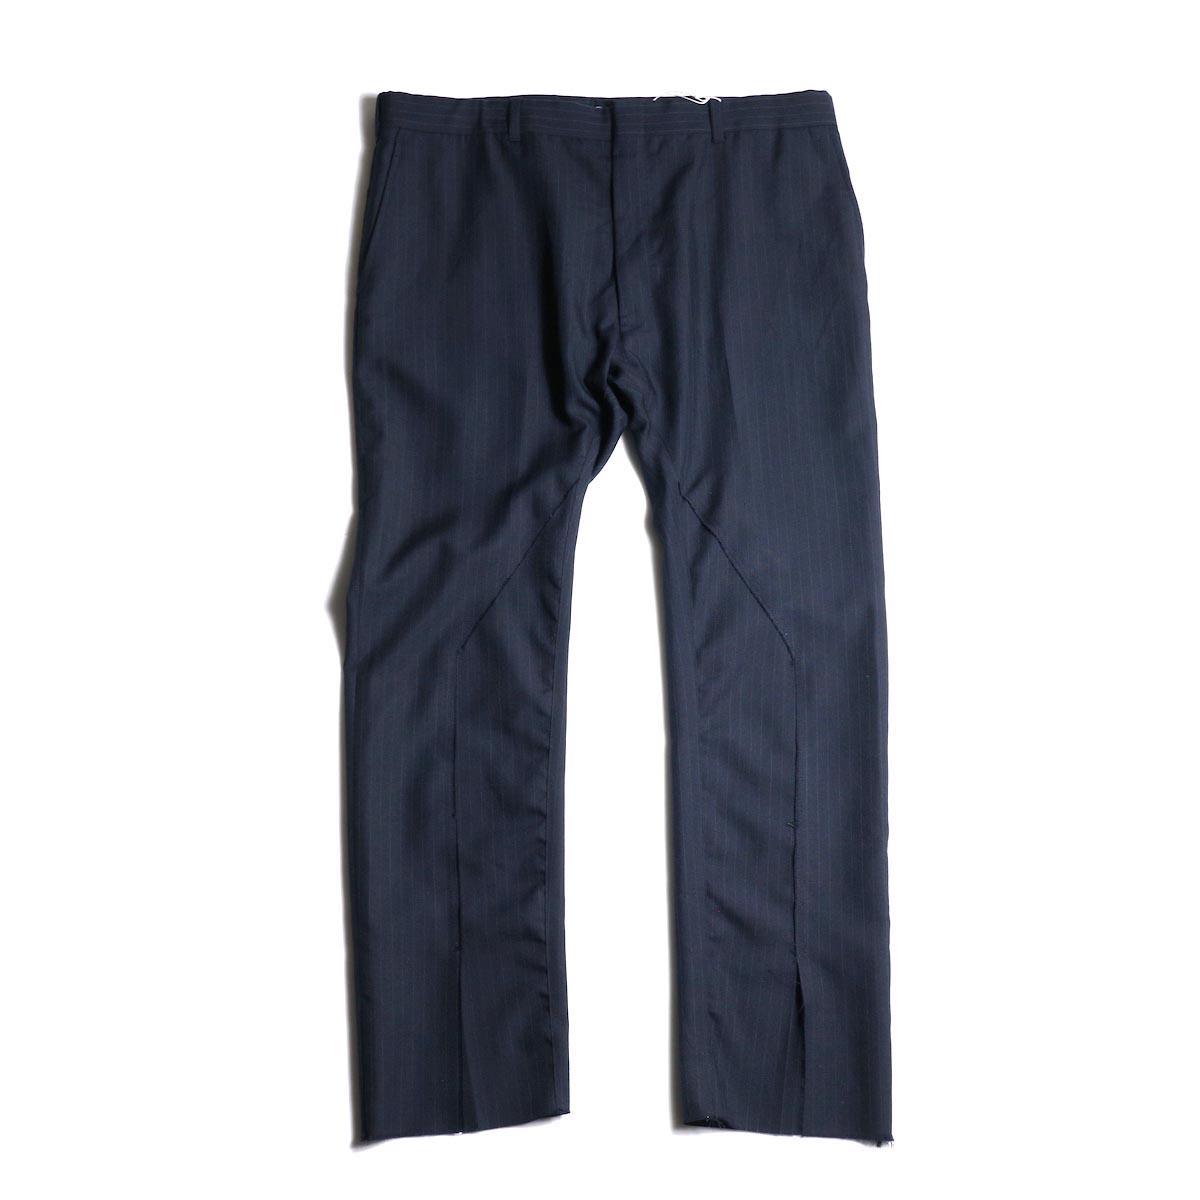 OLD PARK / SLIT PANTS SLACKS (Lsize)